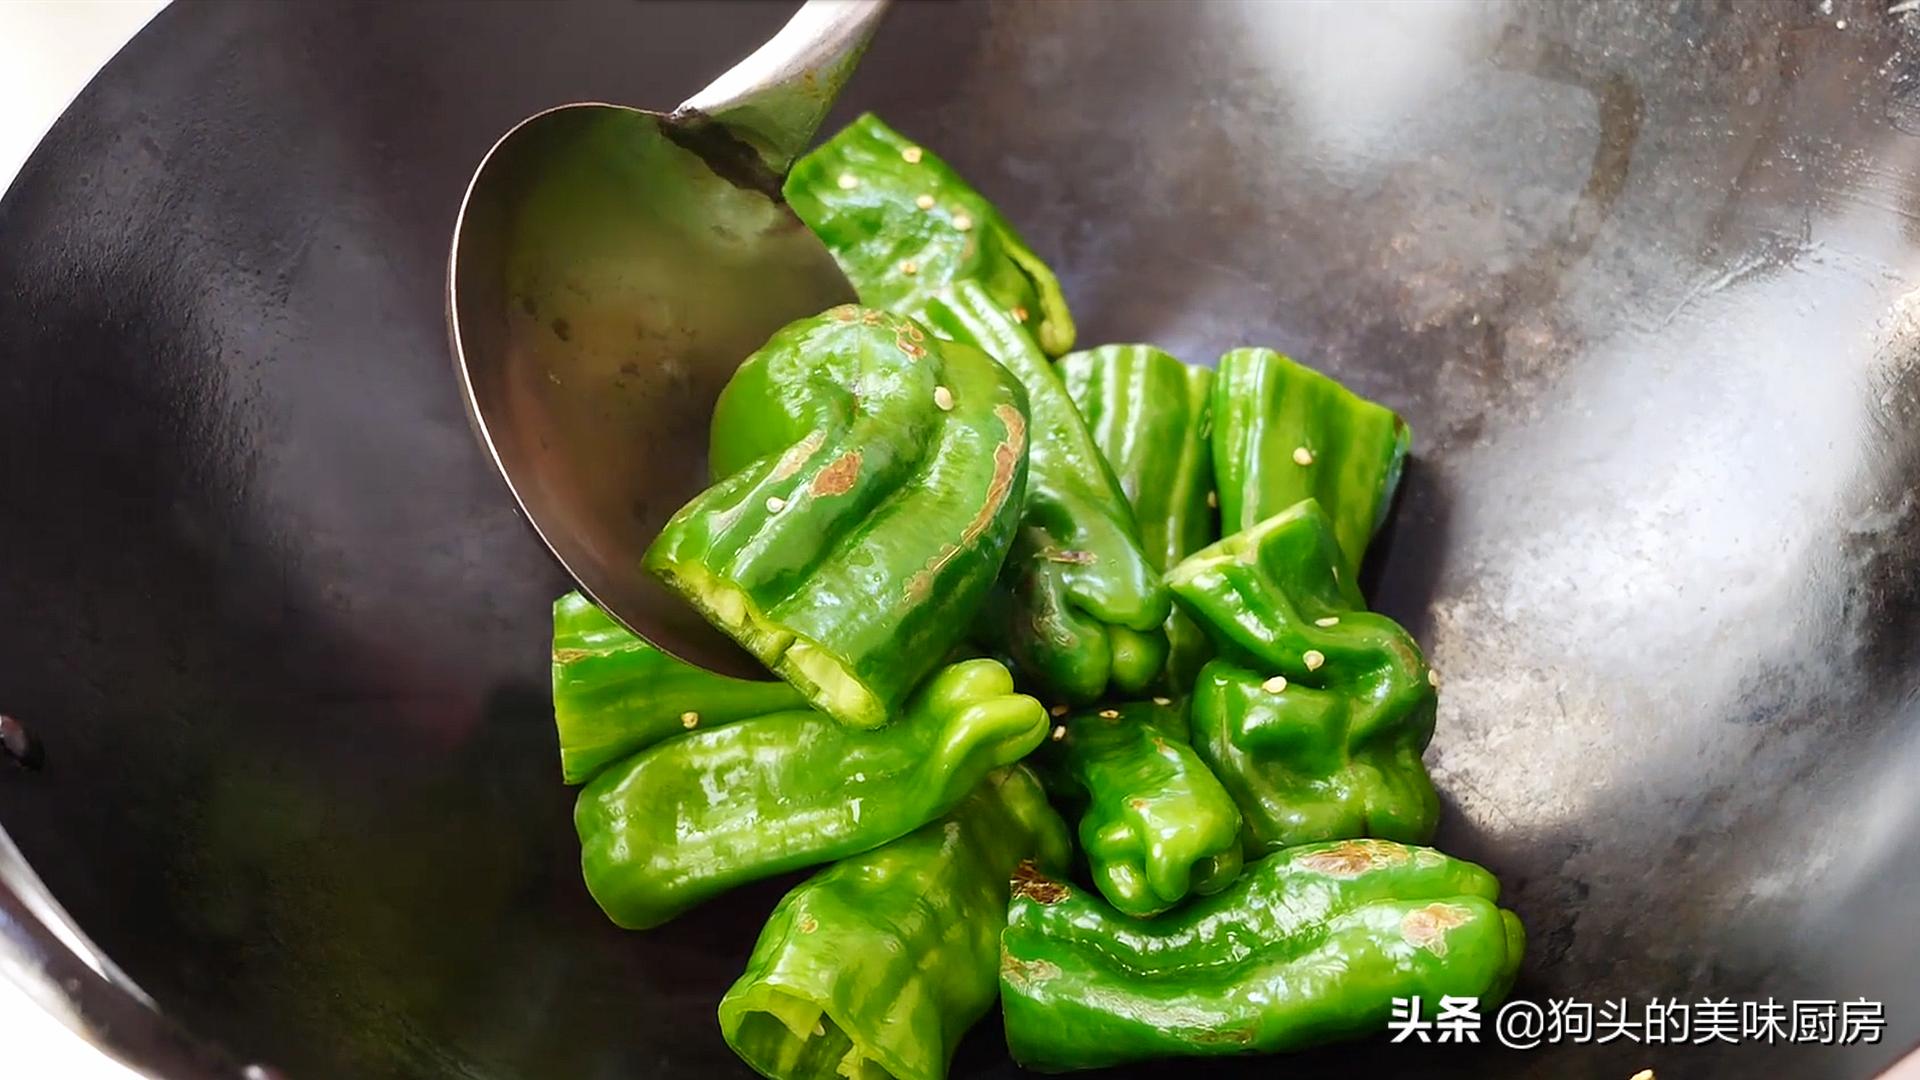 下饭神器虎皮青椒,学会这样做,好吃不油腻,一盘不够吃,真过瘾 美食做法 第7张